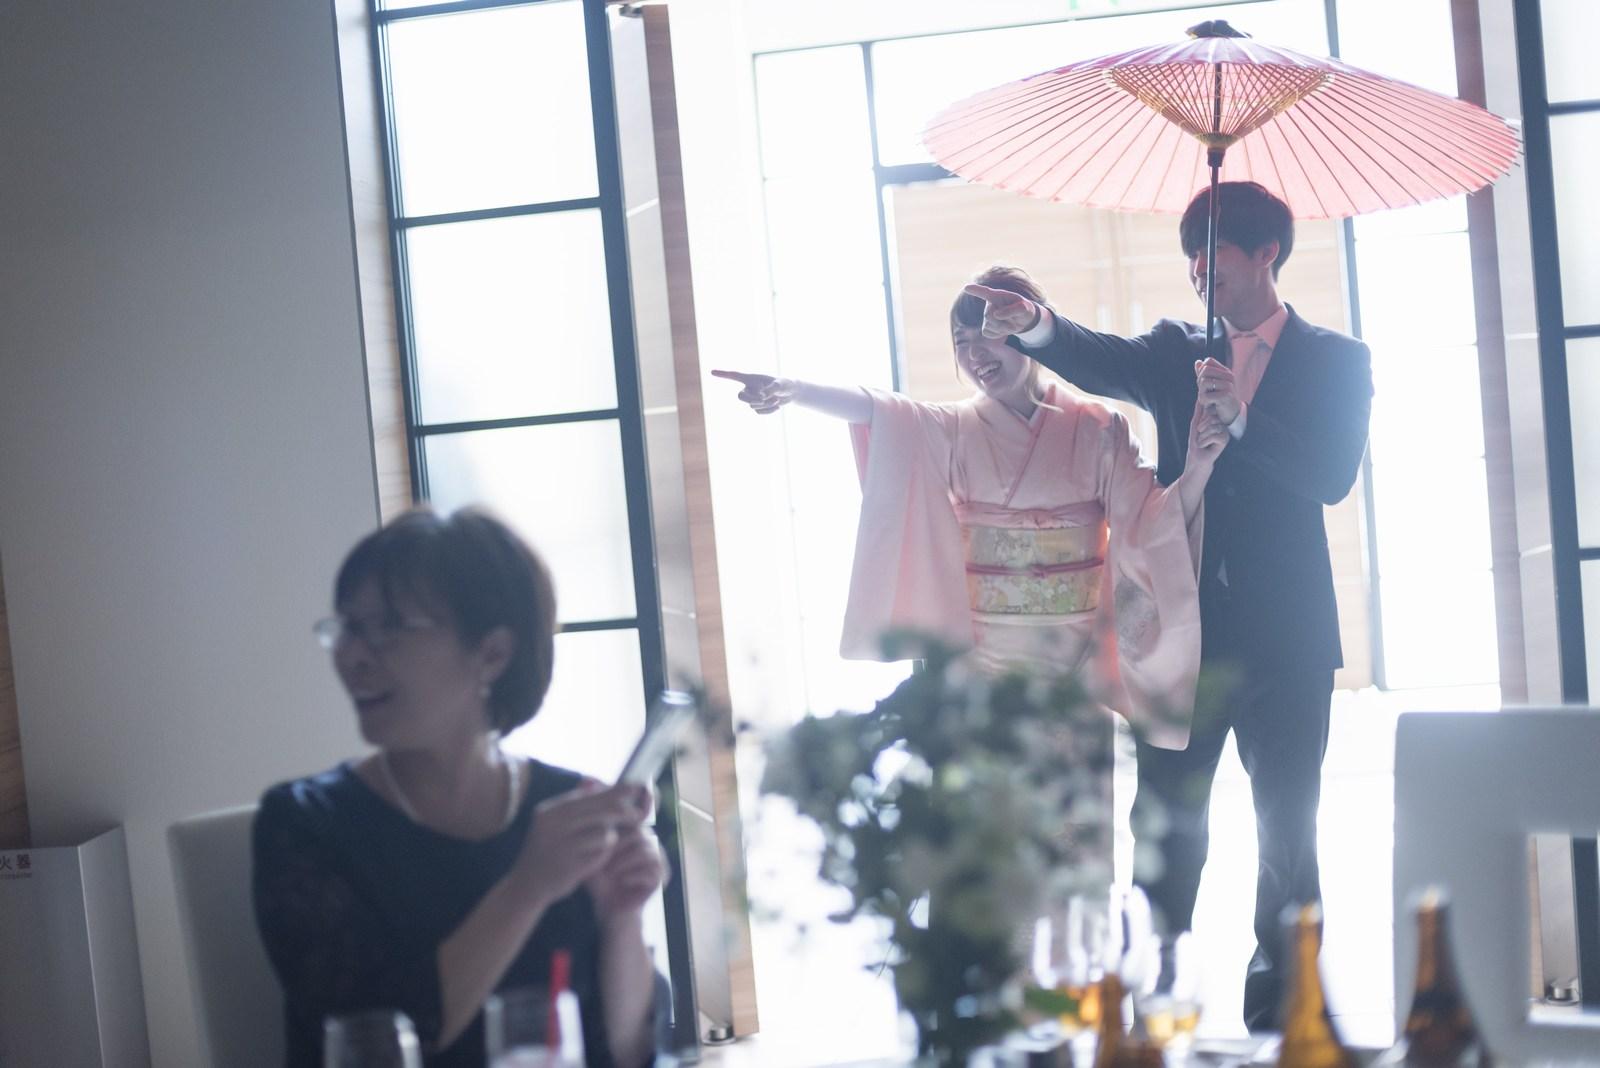 香川の結婚式場シェルエメール&アイスタイル お色直し入場